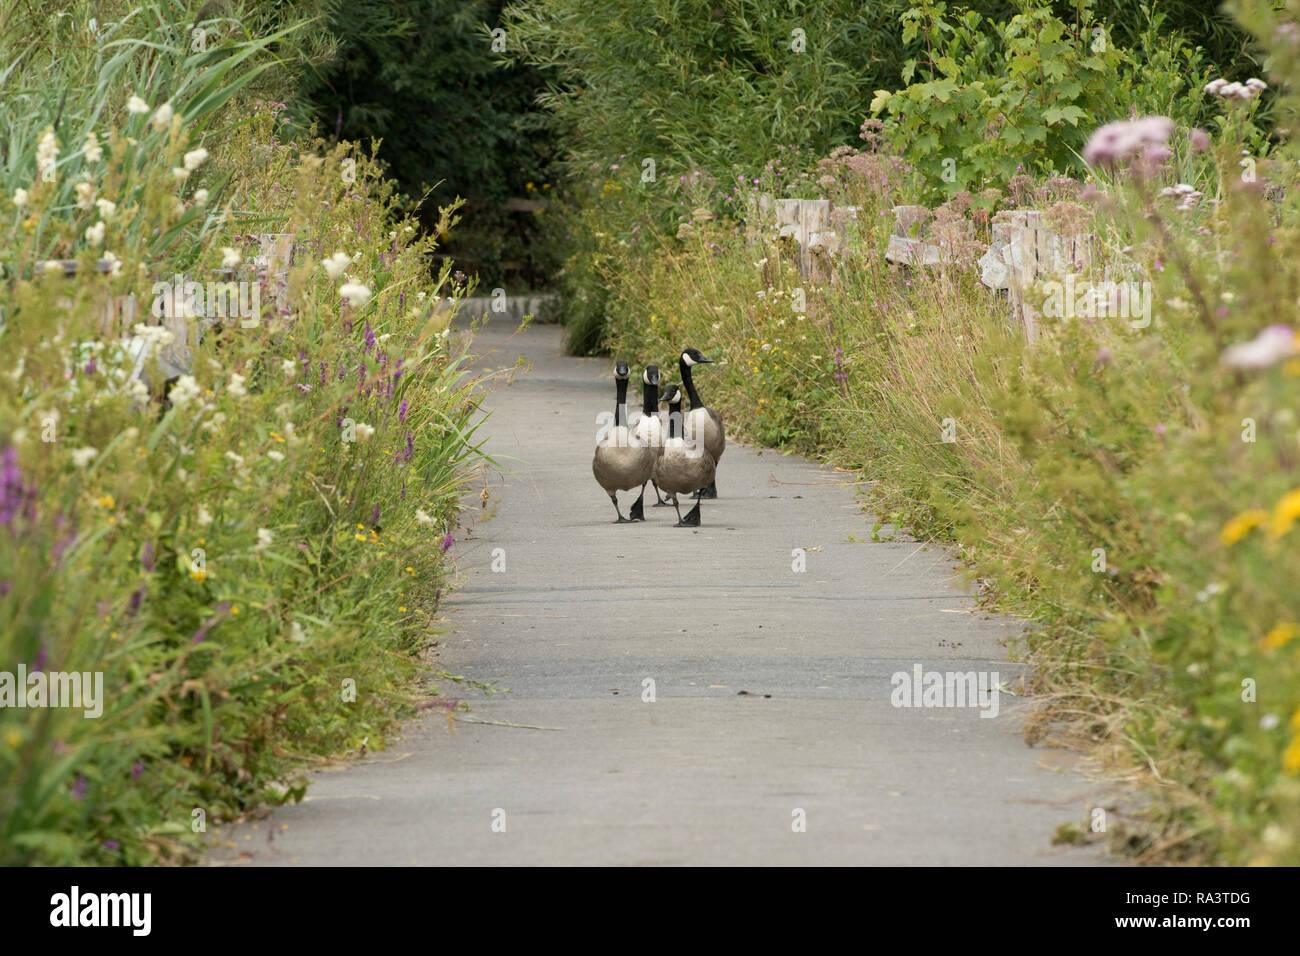 Vier Kanada Gänse, Branta canadensis, hinunter eine asphaltierte Weg zwischen hoher Vegetation, Arundel, West Sussex, Juli Stockbild